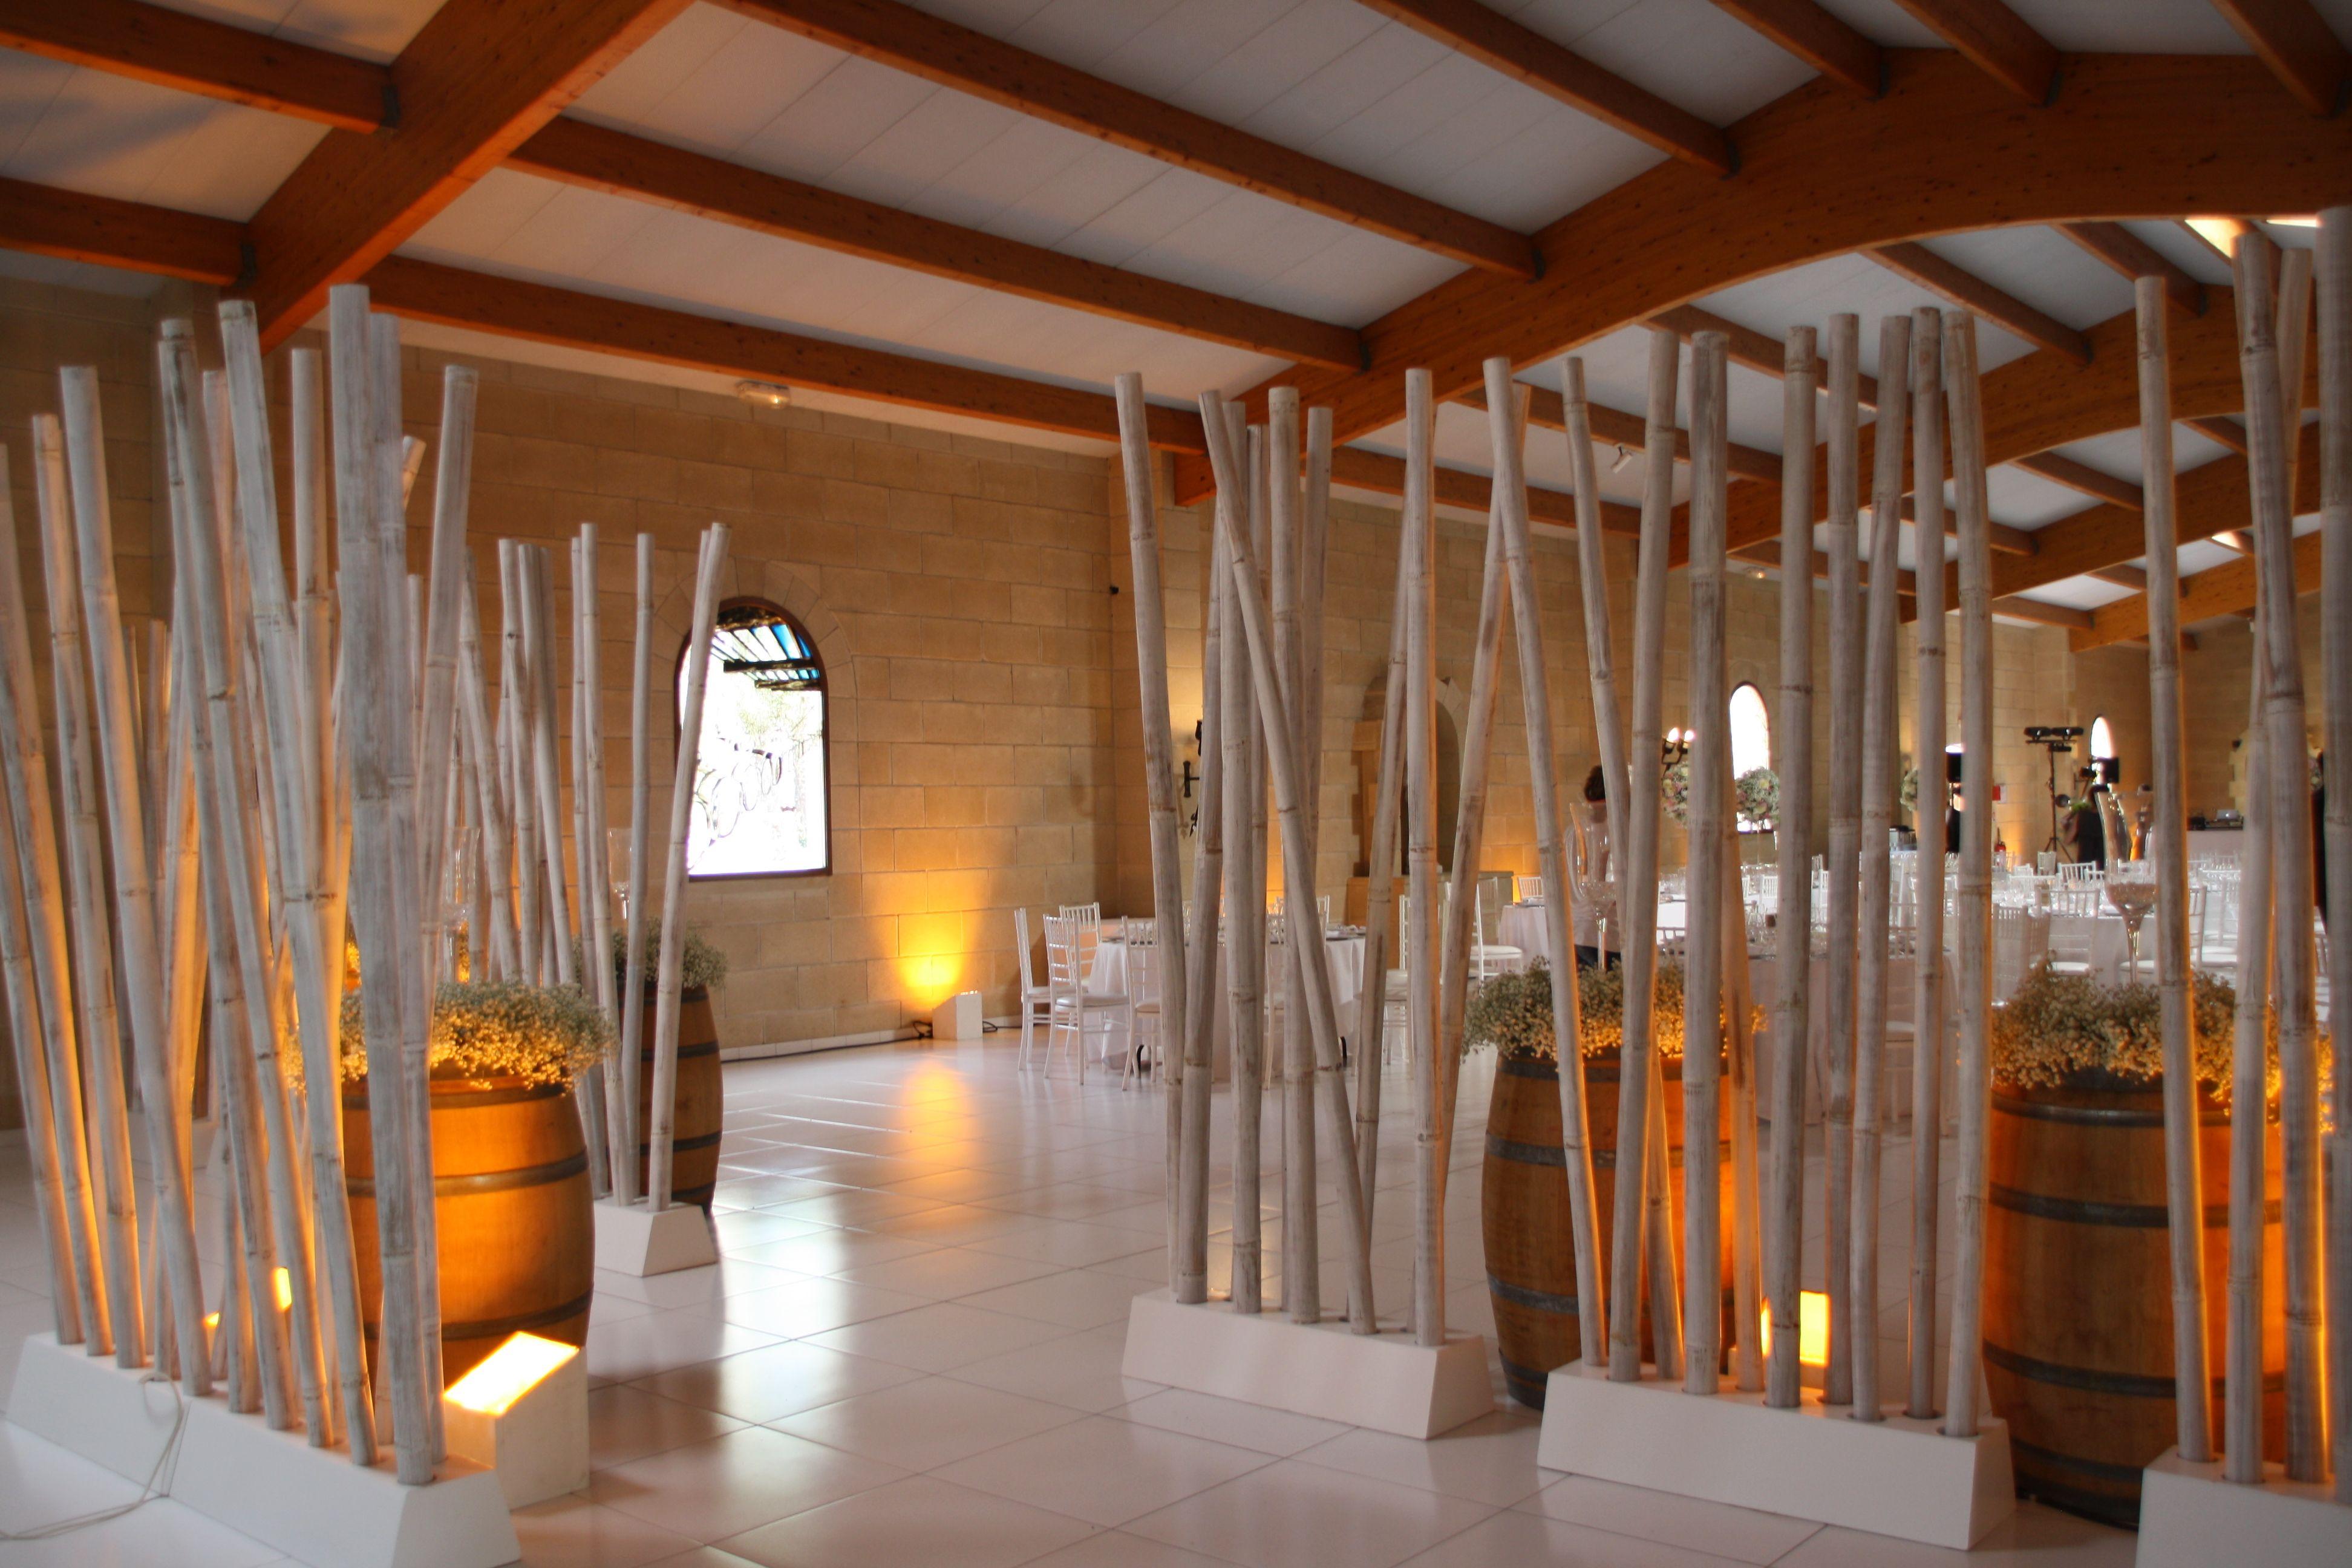 S Parations Bambou H250Cm Dispos Es En All E Pour